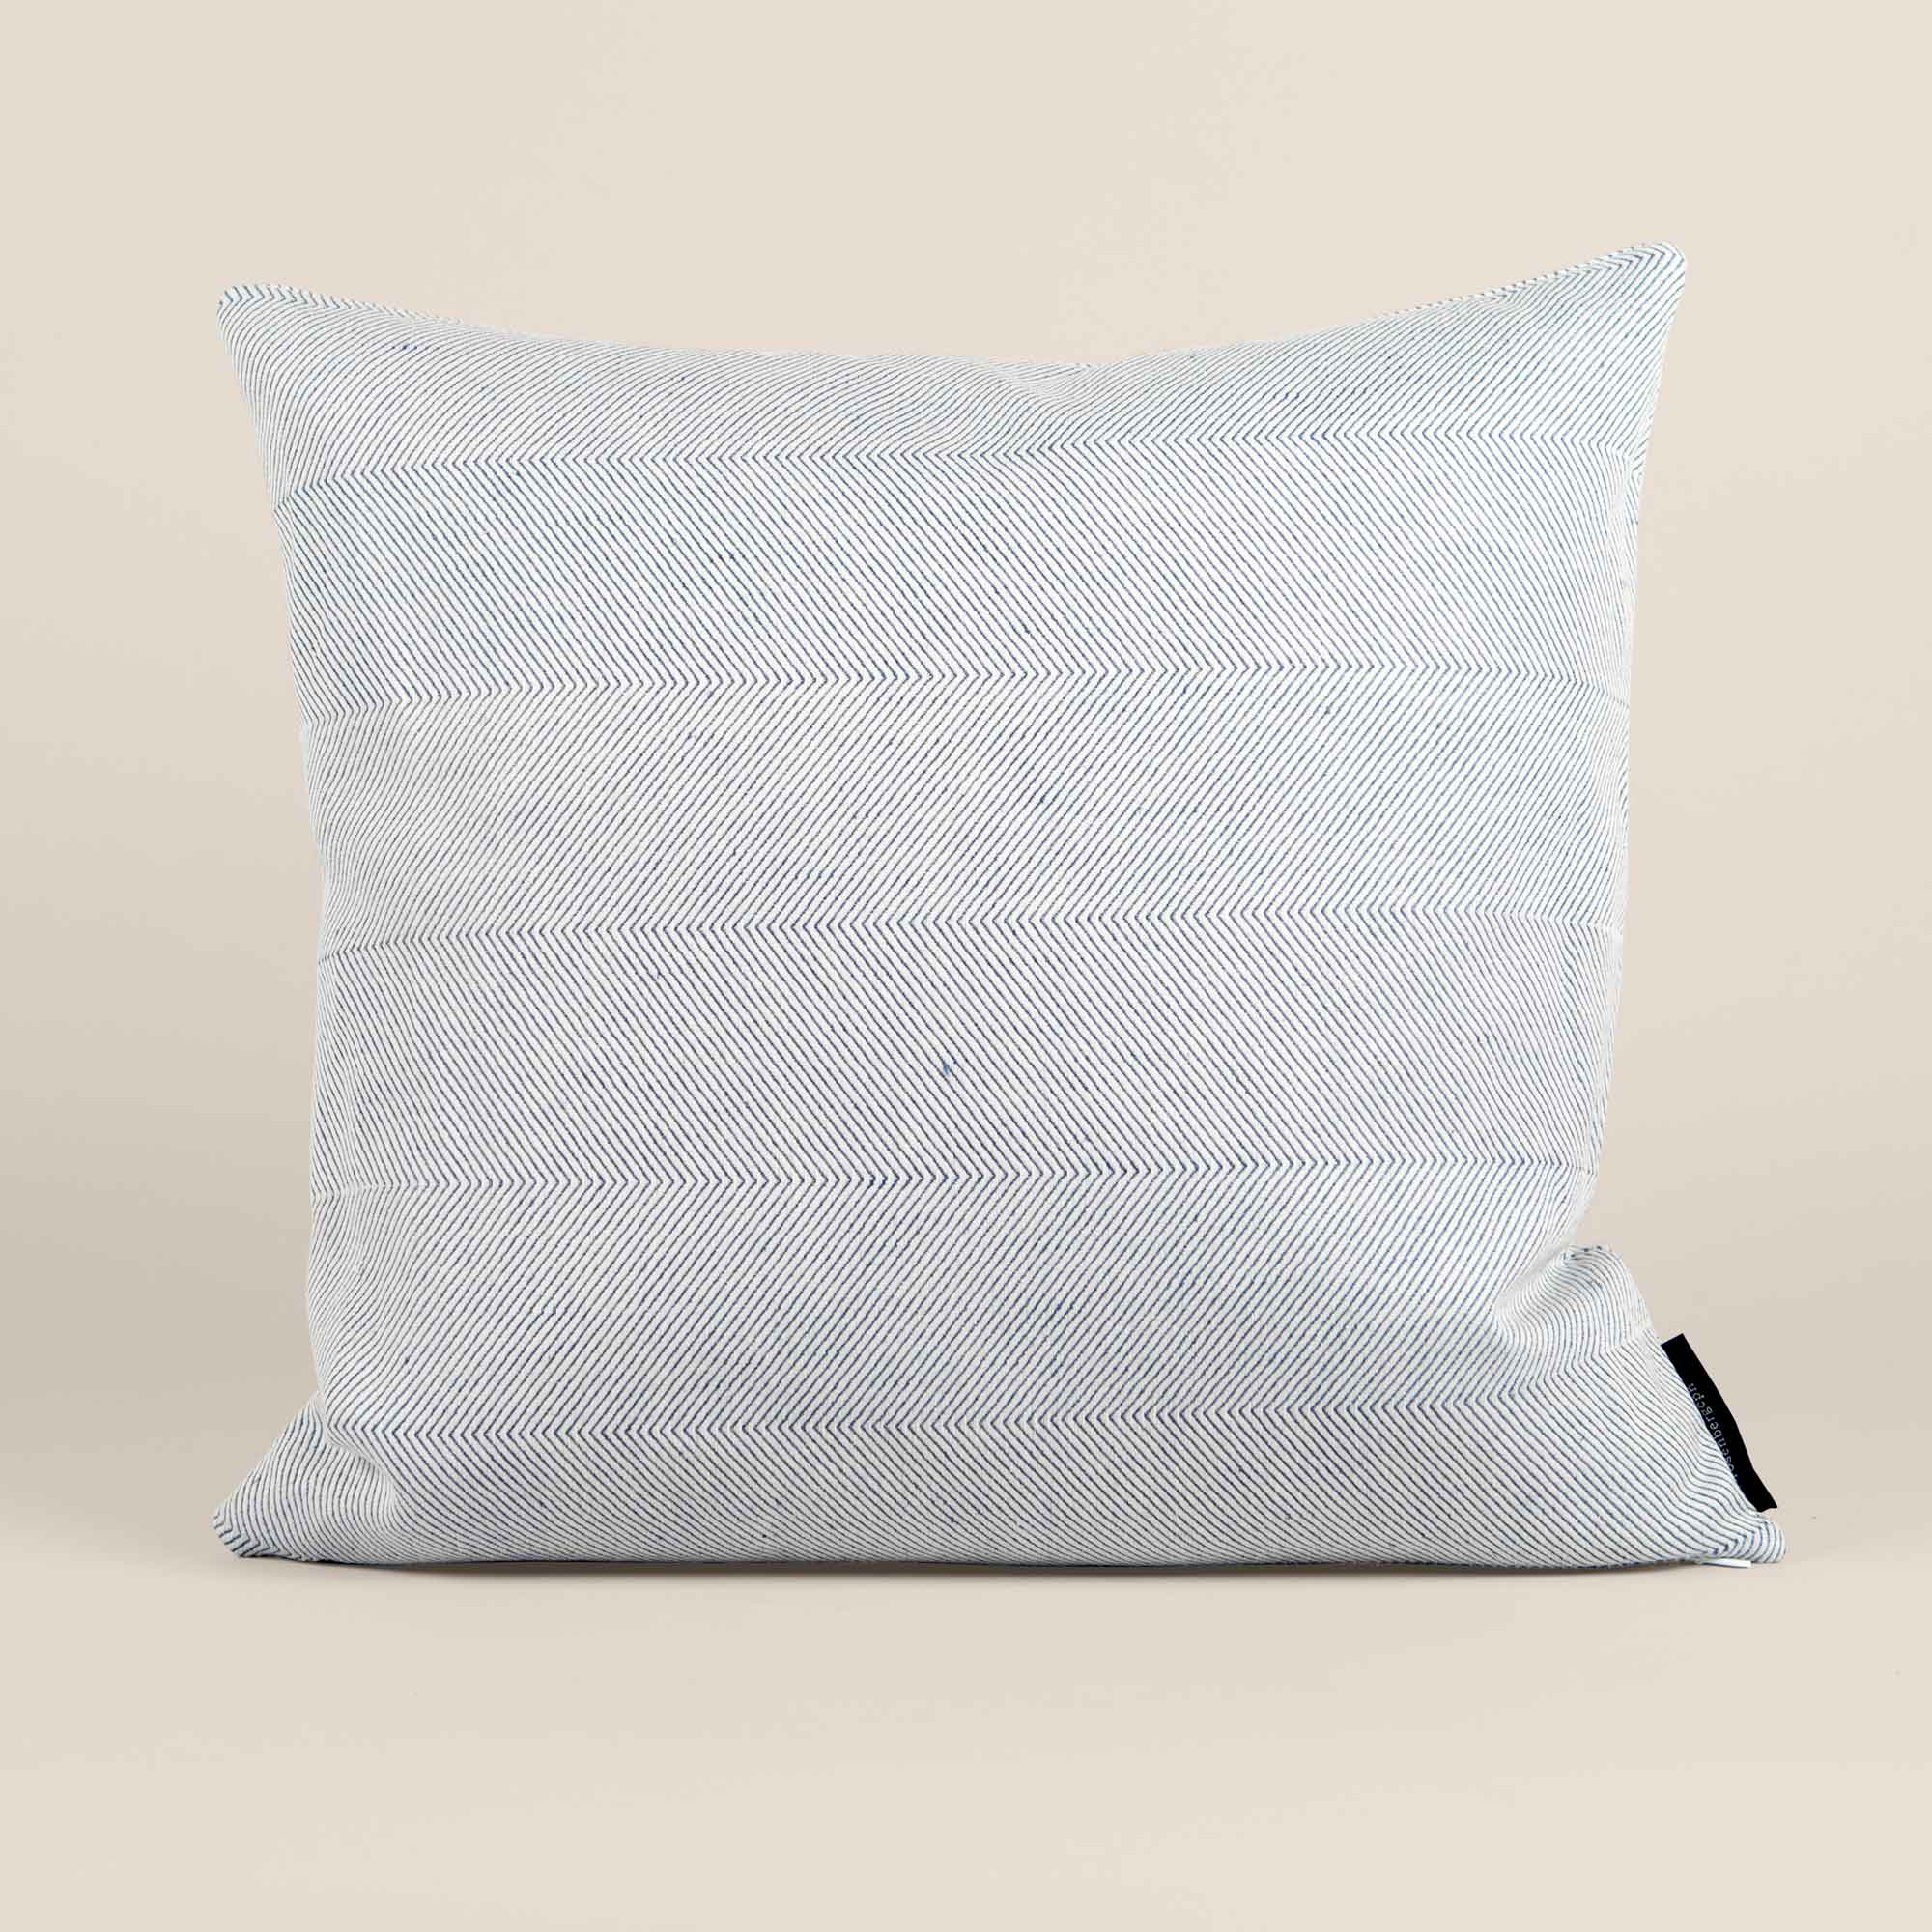 Square cushion linen/cotton light blue design by Anne Rosenberg, RosenbergCph